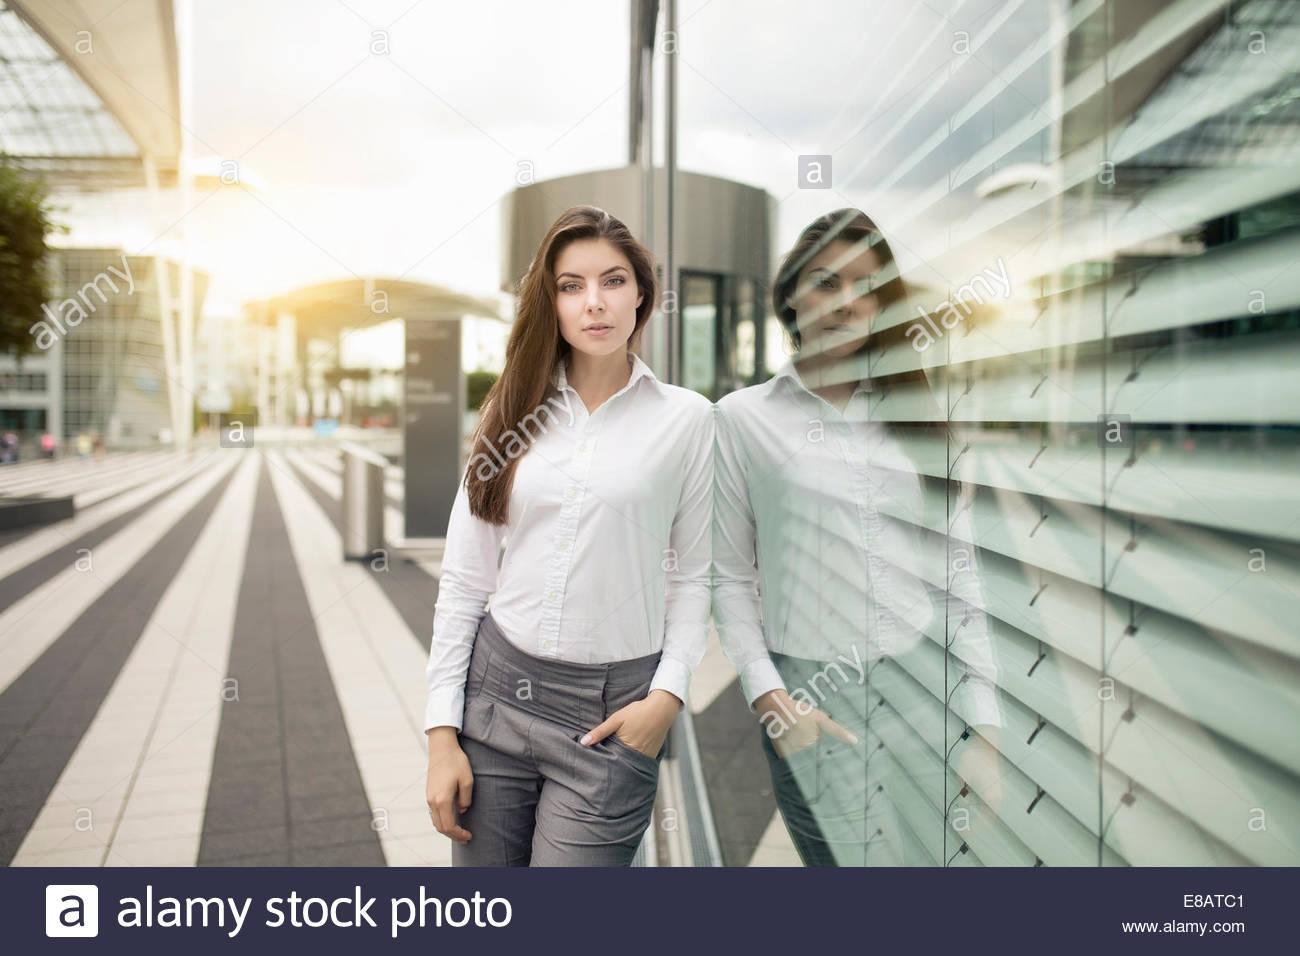 La empresaria apoyada contra la ventana, Retrato Imagen De Stock